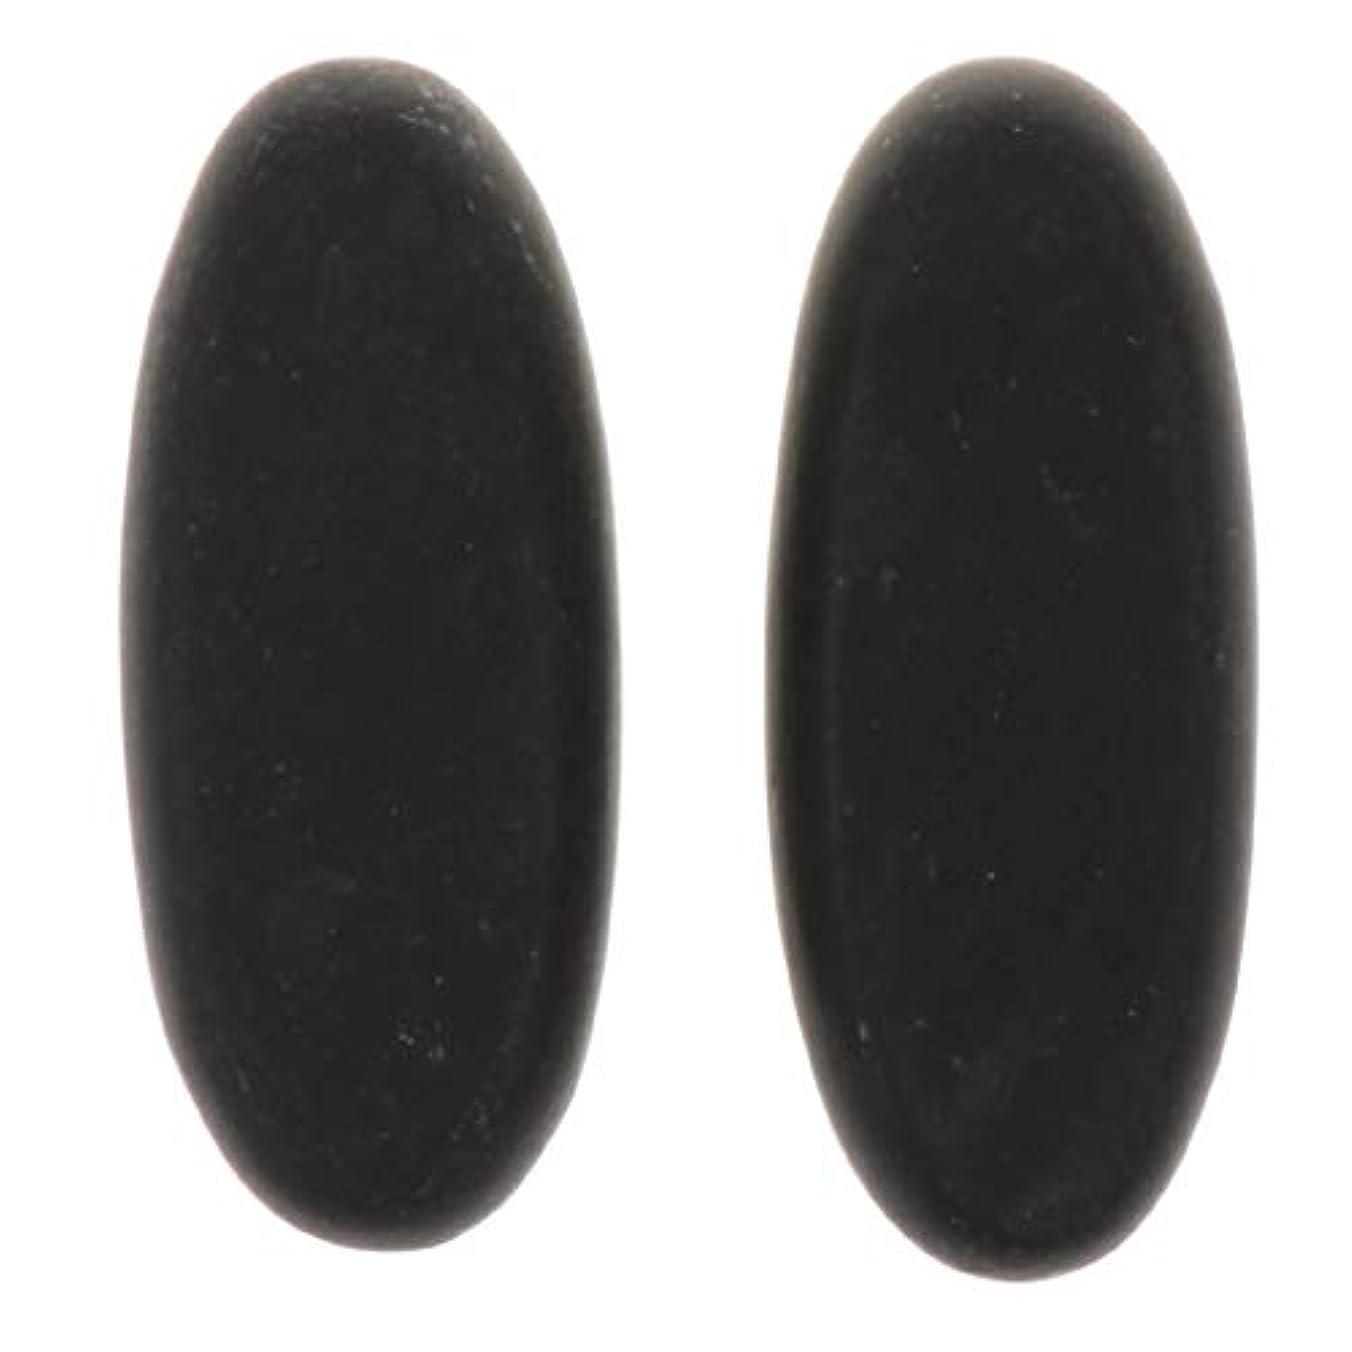 原油噴出する部分的にマッサージストーン 天然石ホットストーン マッサージ用玄武岩 SPA ツボ押しグッズ 2個 全2サイズ - 8×3.2×1.5cm